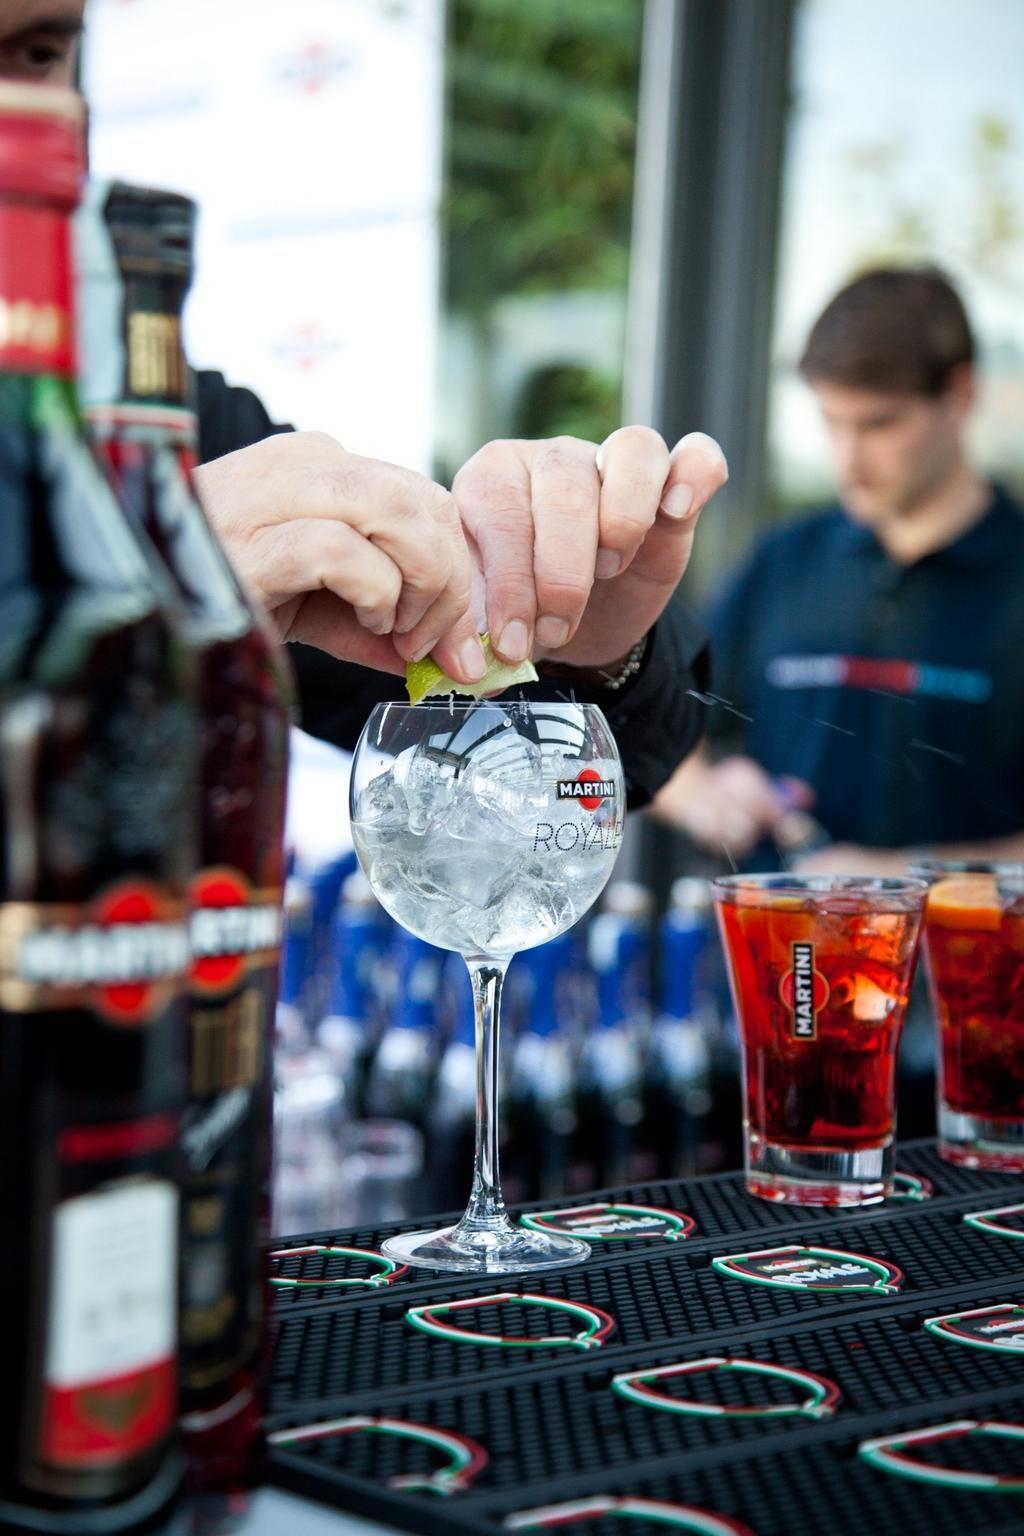 Prova il #MartiniBarLocator e scopri il bar dove gustare un perfetto #MartiniRoyale http://ow.ly/vQazY pic.twitter.com/DfPVyGVo0S